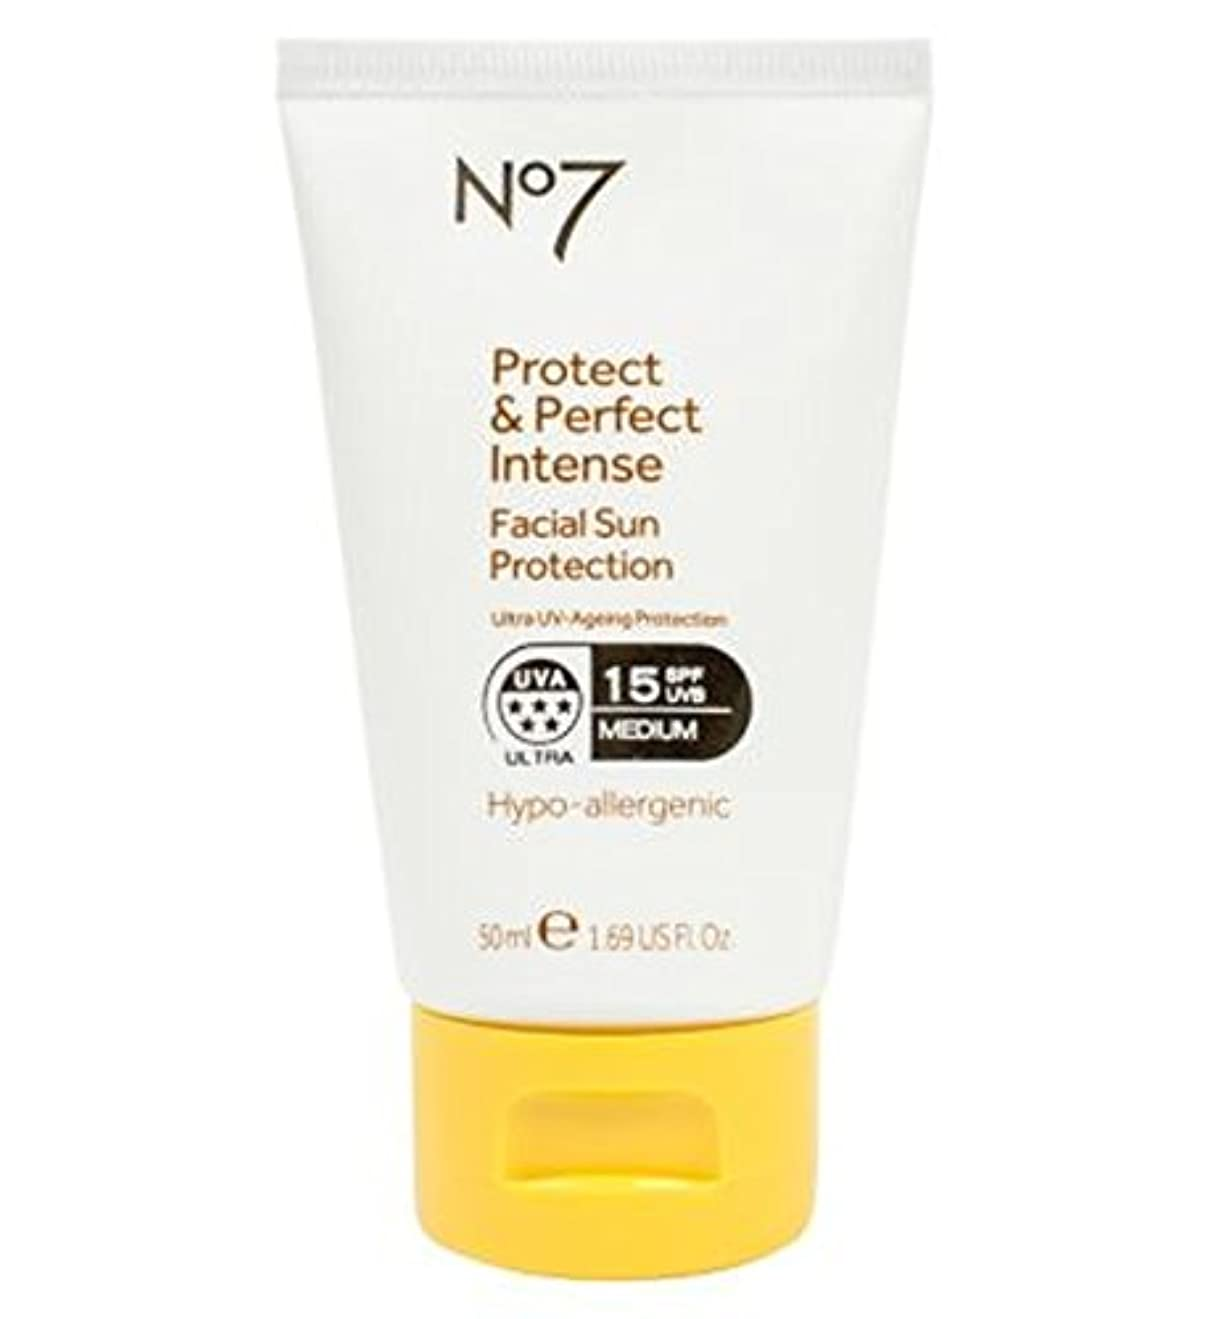 グレード悔い改めるテーブルNo7保護&完璧な強烈な顔の日焼け防止Spf 15 50ミリリットル (No7) (x2) - No7 Protect & Perfect Intense Facial Sun Protection SPF 15 50ml...